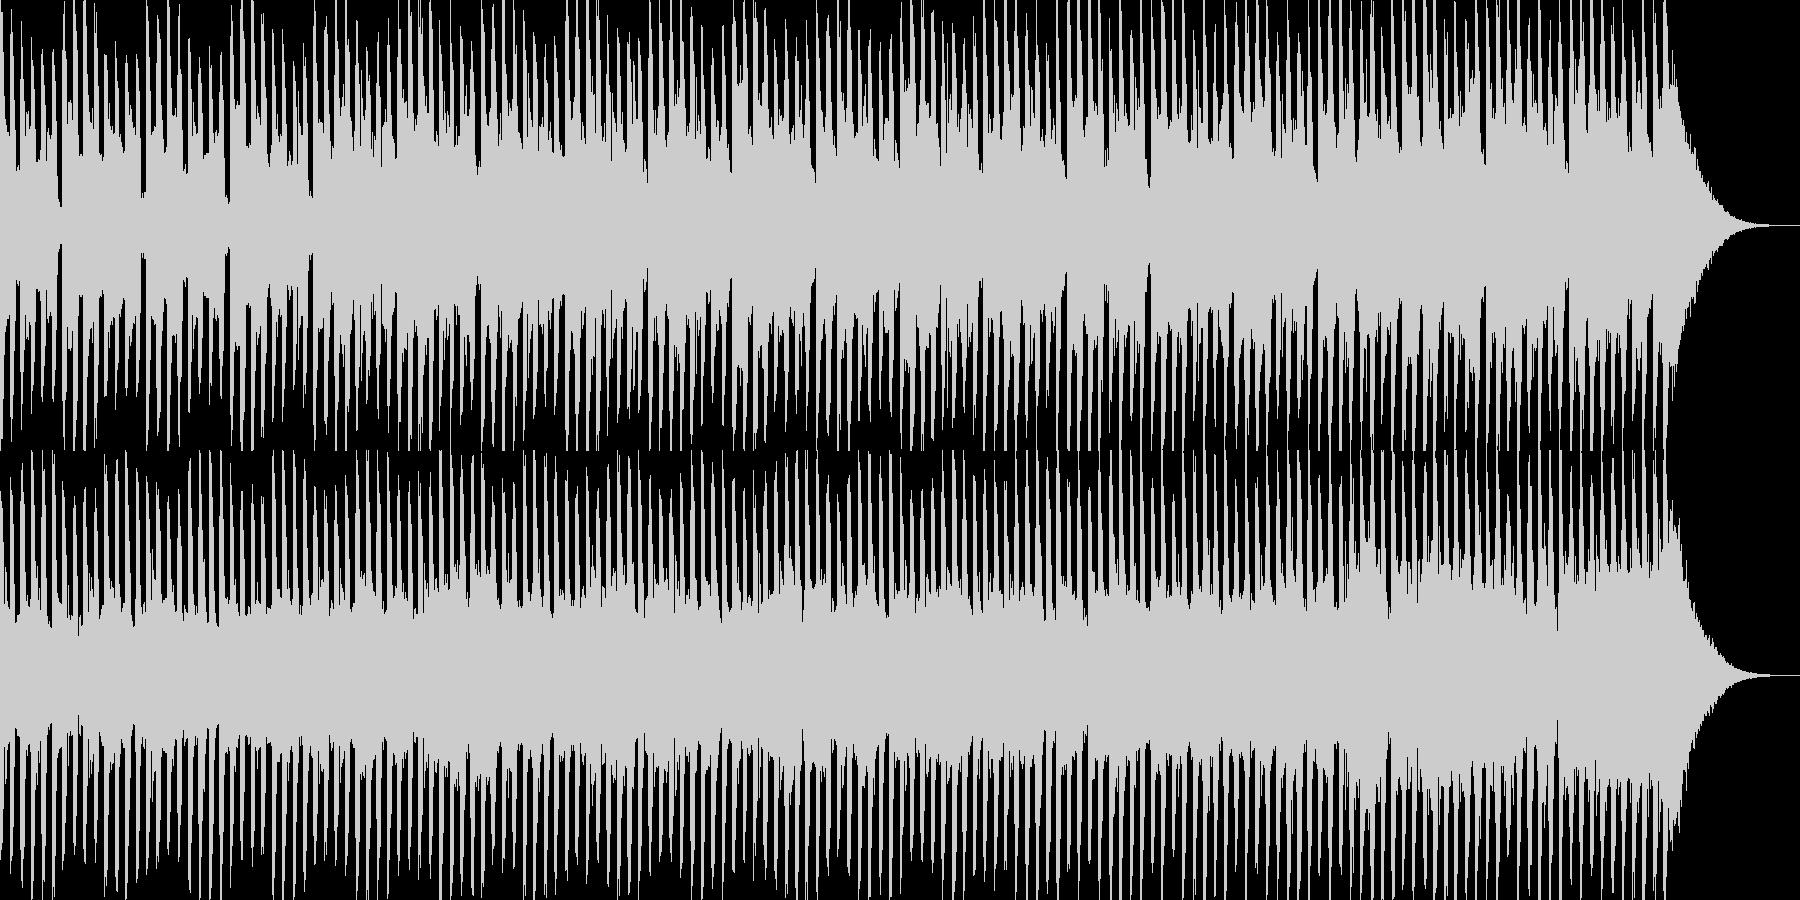 企業VP系17、爽やかギター4つ打ち2bの未再生の波形